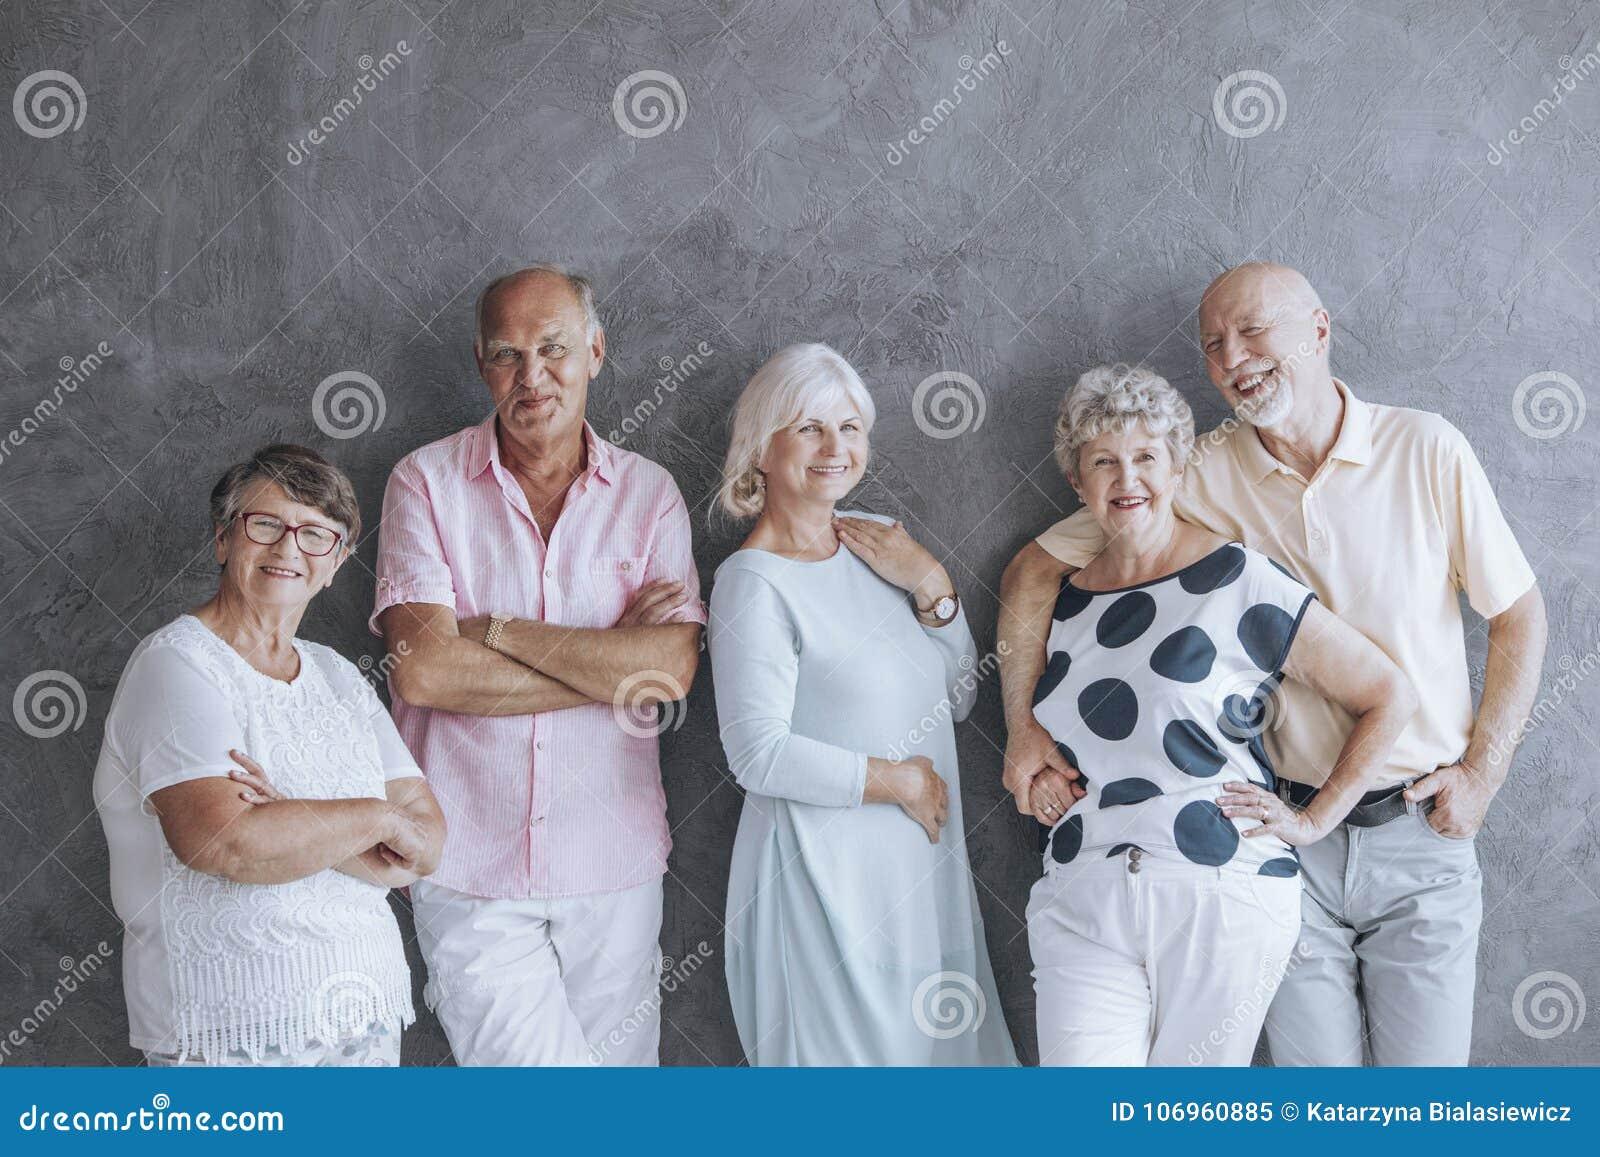 Äldre folk i tillfällig kläder